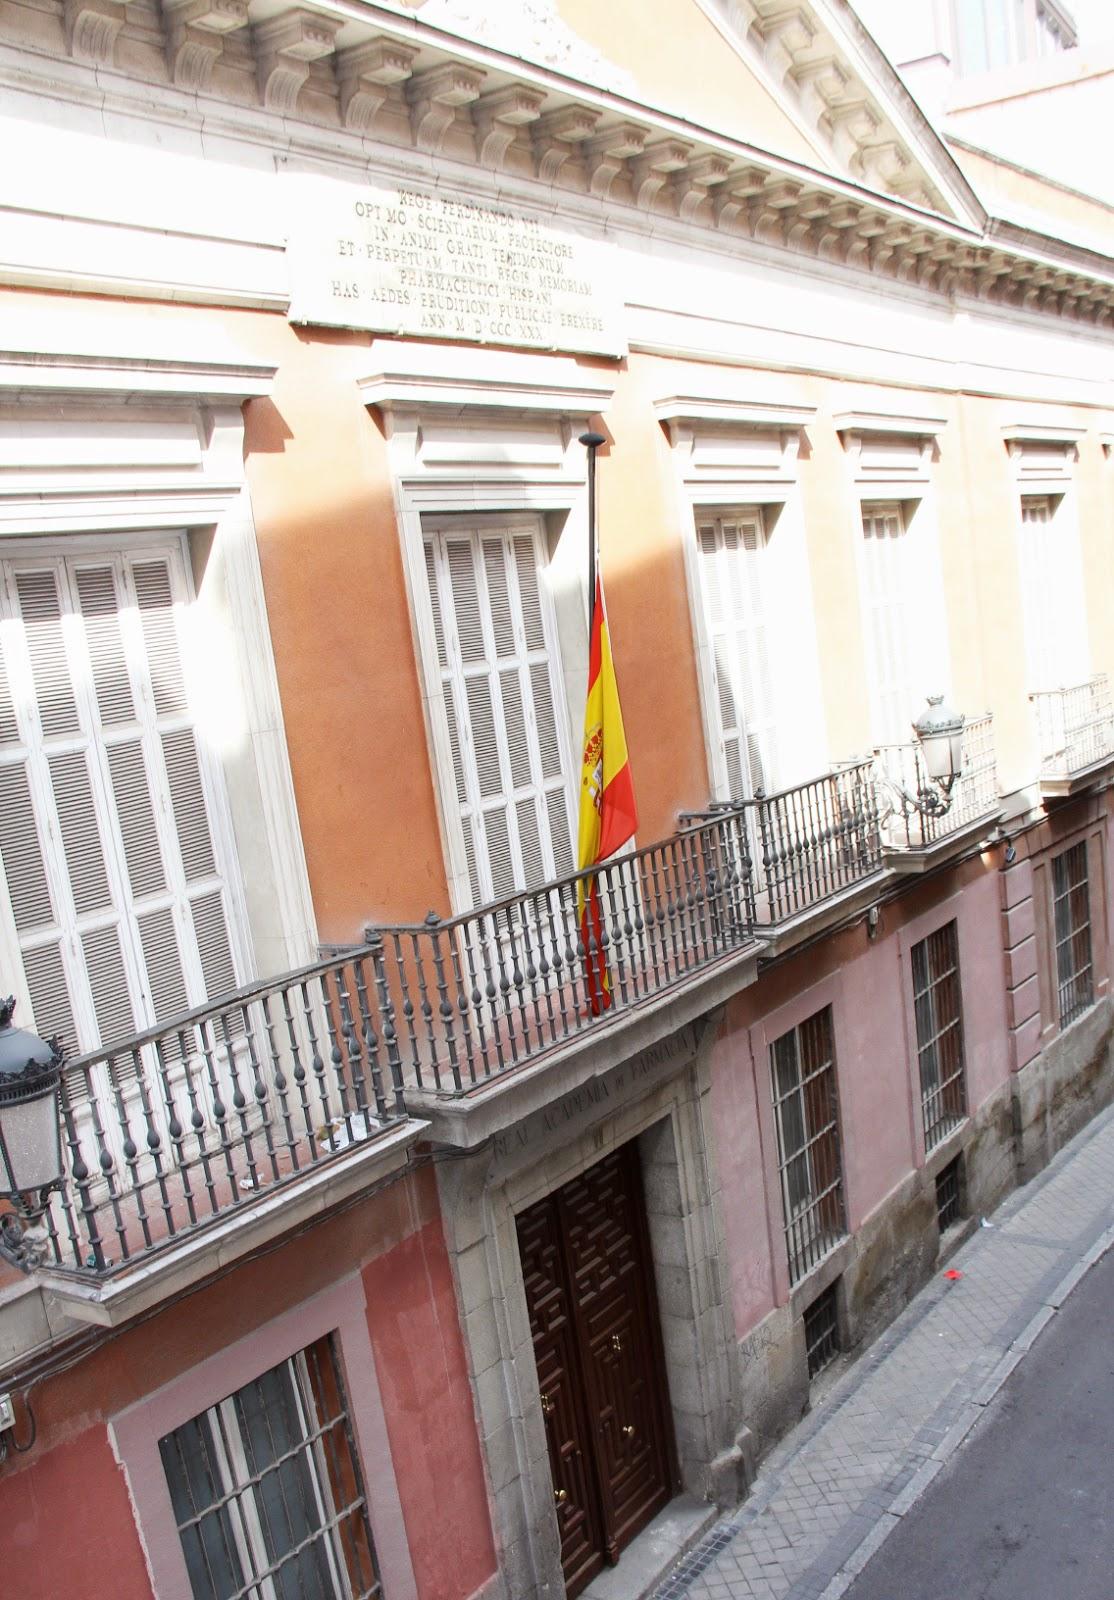 APARTAMENTO/ LOFT EN BARRIO DE CHUECA- MADRID   in-studio